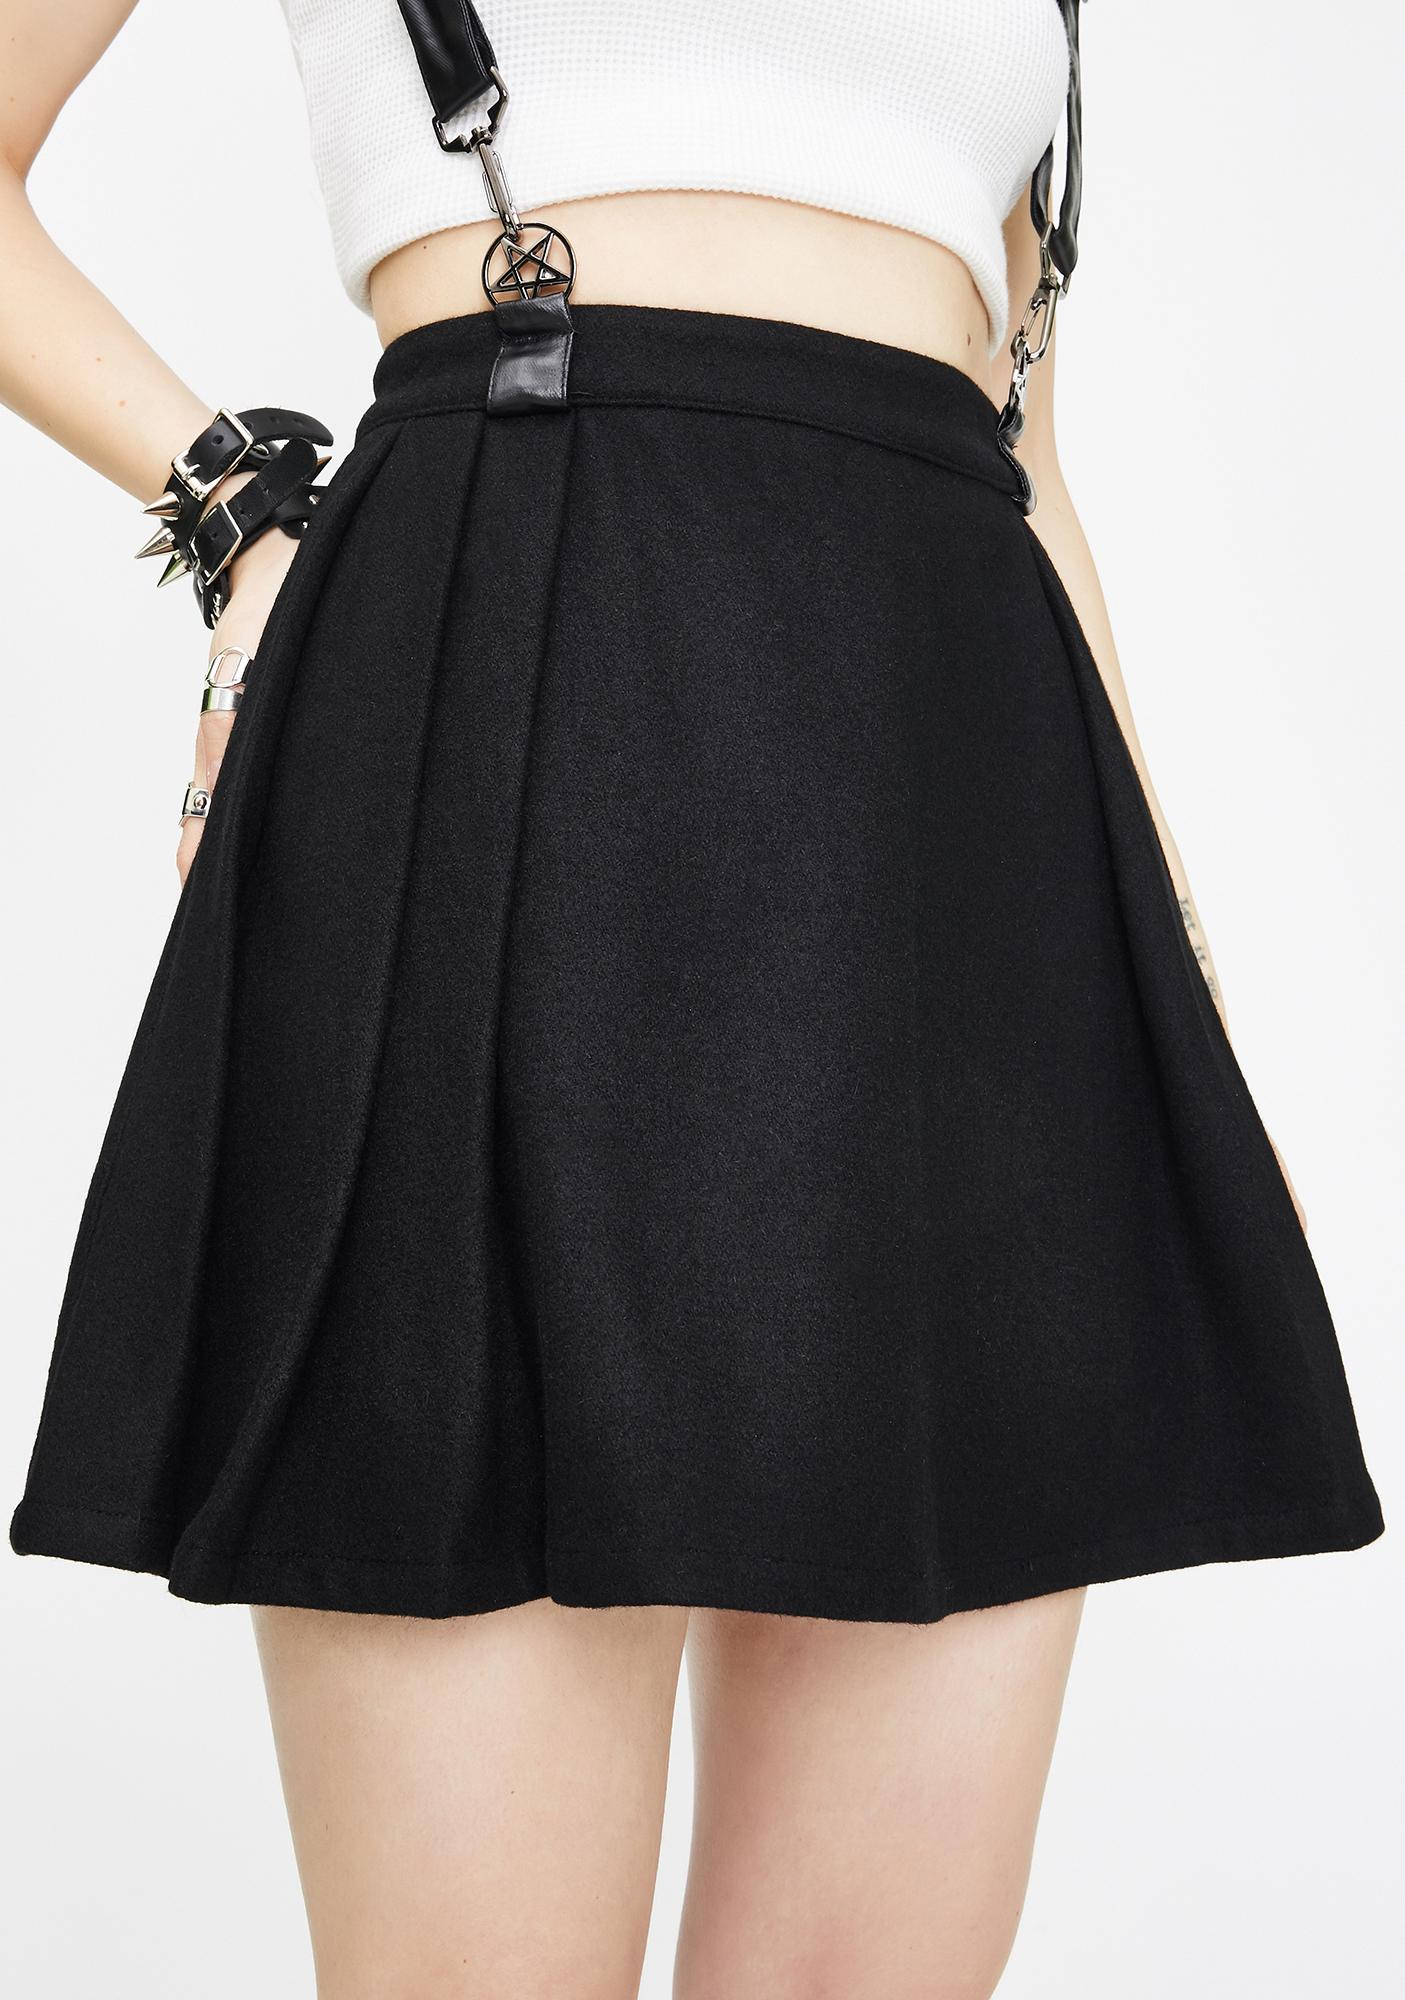 Punk Rave Woolen Lattice Pleated Half Skirt